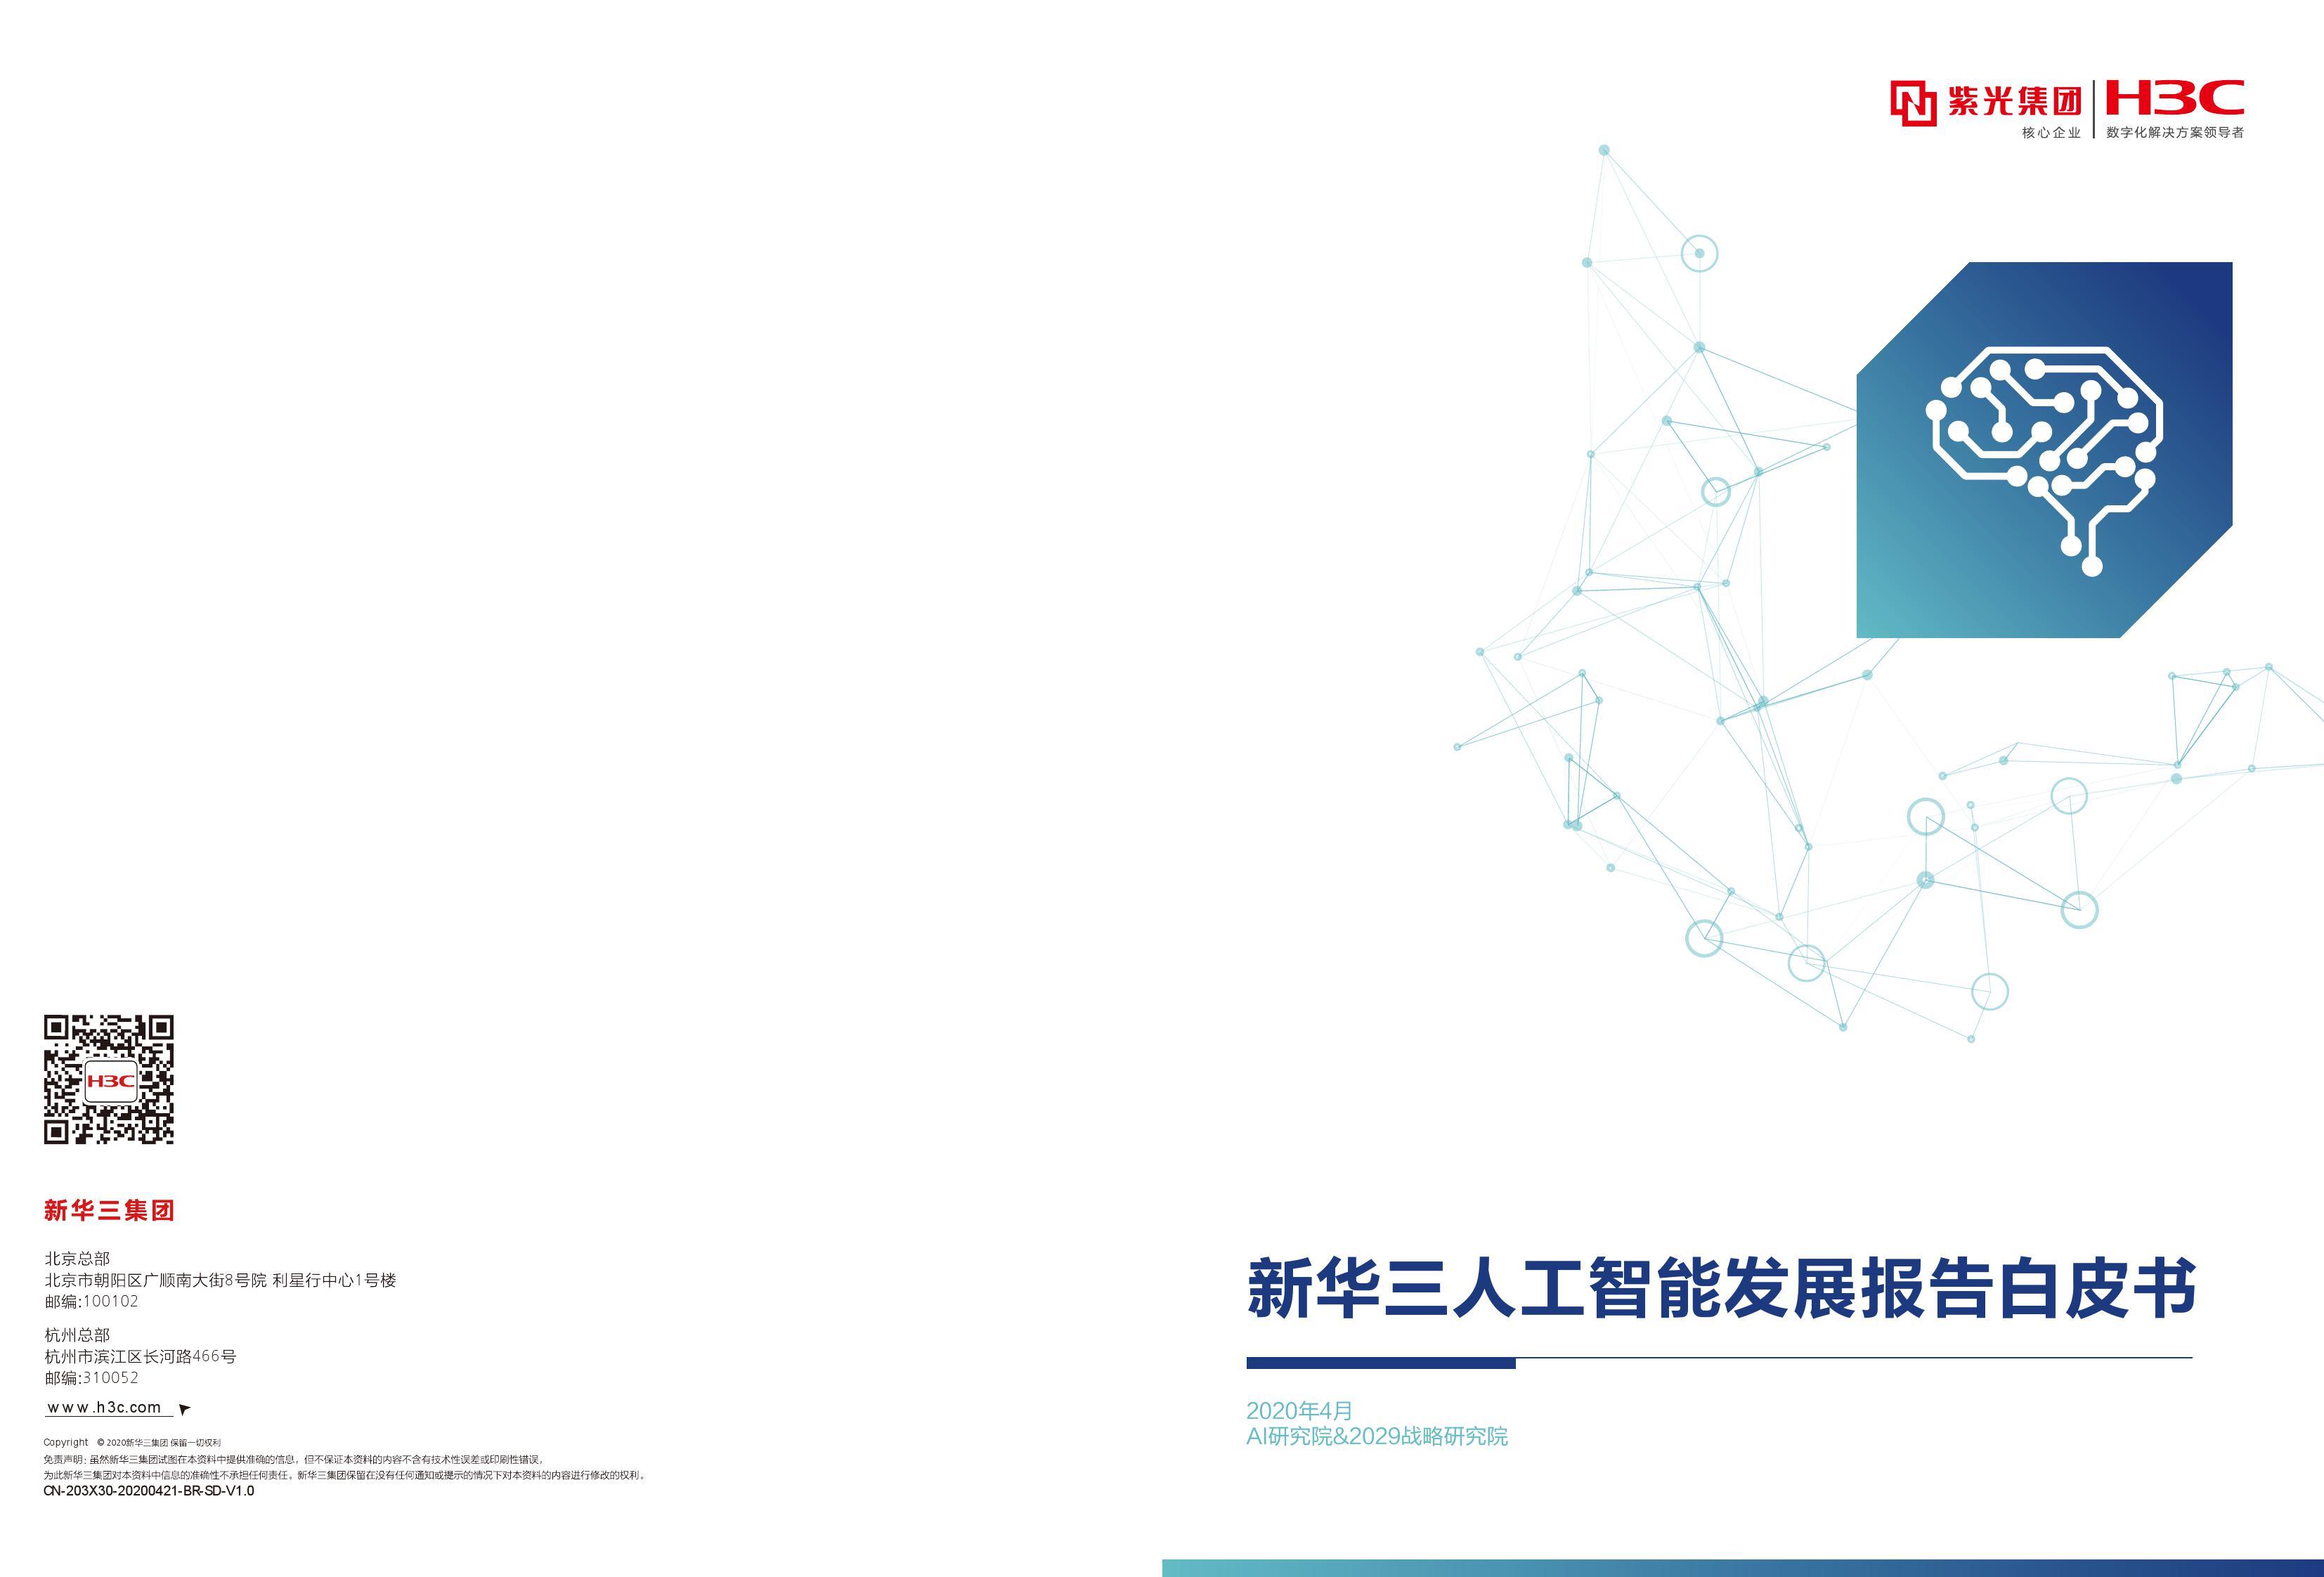 新华三:2020人工智能发展报告白皮书(附下载)